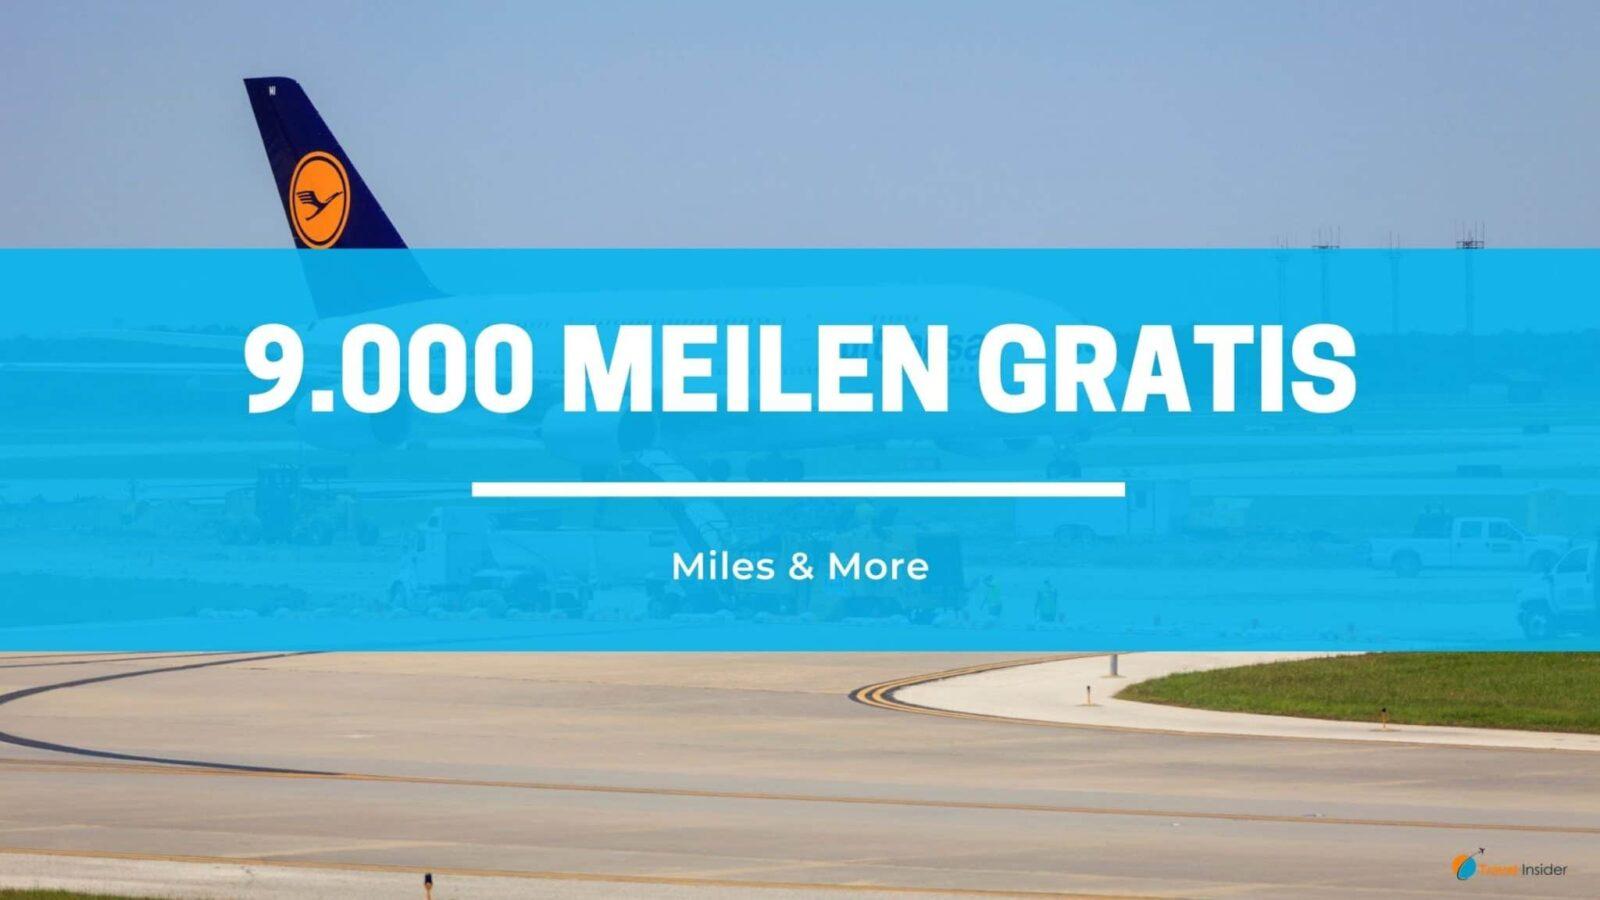 9.000 Miles & More Meilen kostenlos